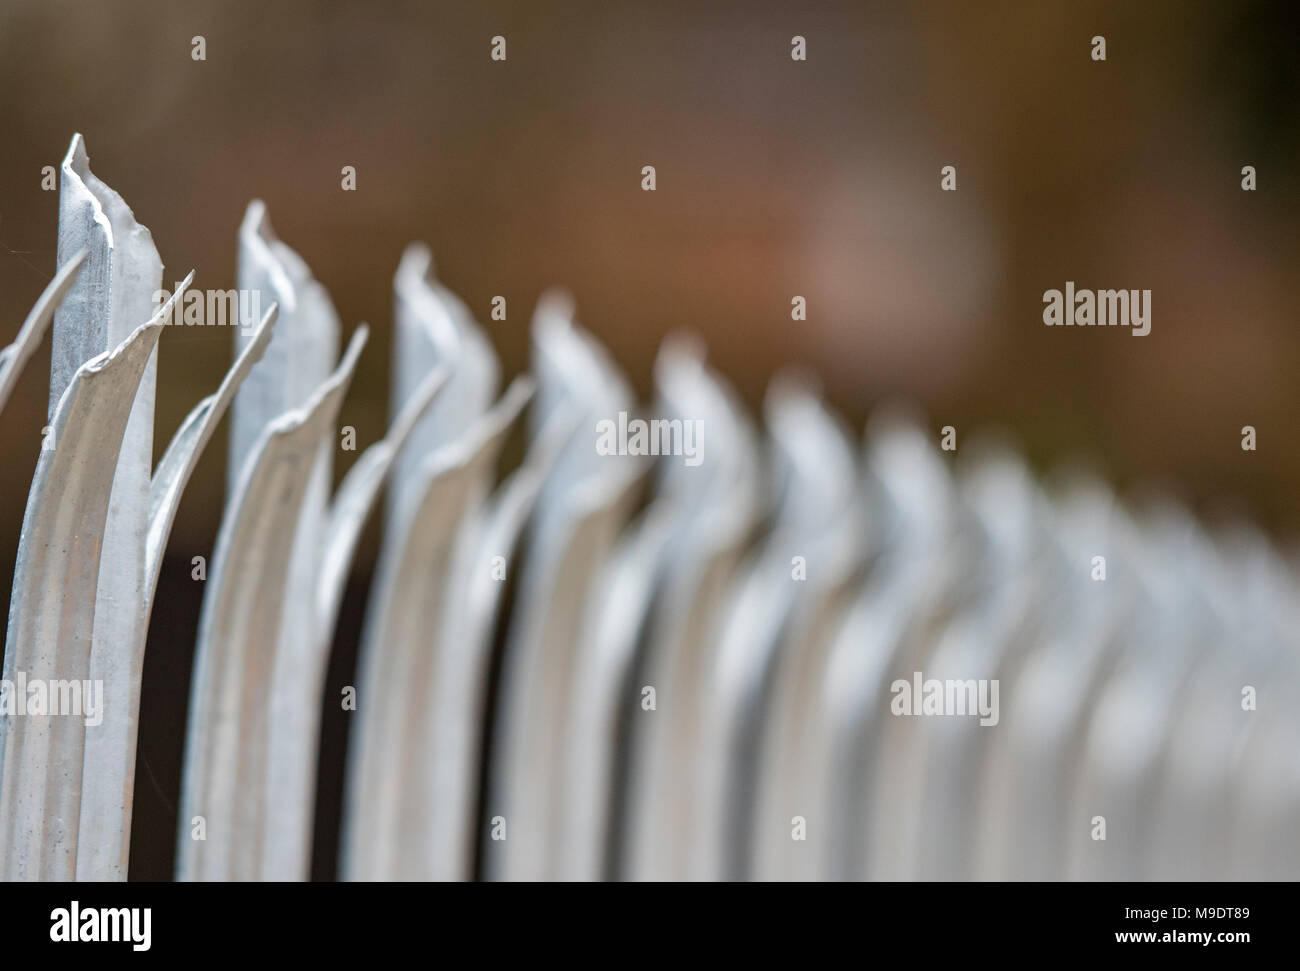 Précision de la palissade clôtures de sécurité entourant la propriété privée. Les mesures de sécurité et de protection et d'une clôture entourant la sécurité et la sécurisation. Photo Stock